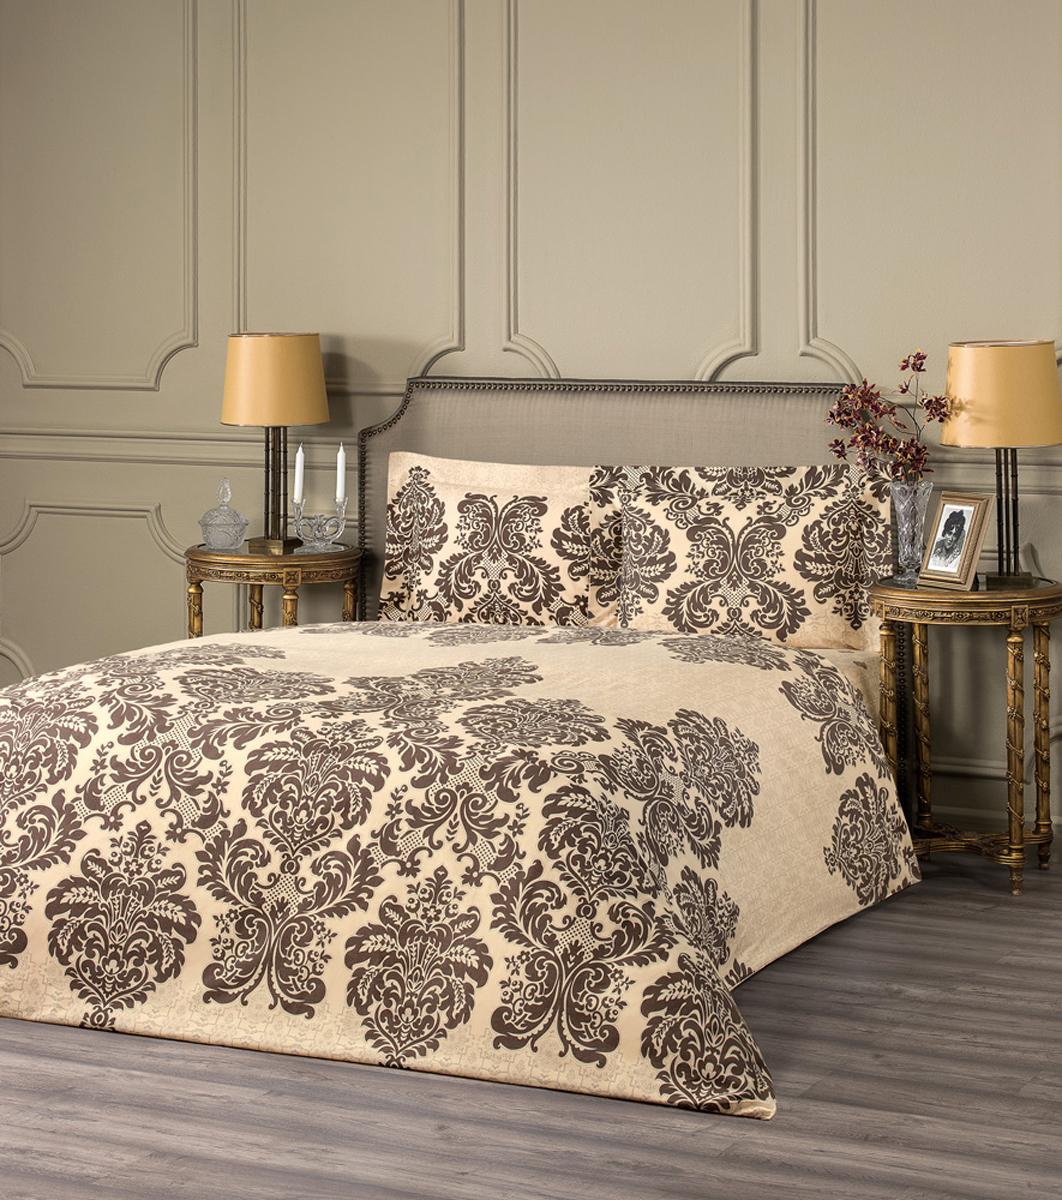 """Комплект белья Estia """"Монреале"""", 1,5-спальный, наволочки 50x70, цвет: бежевый"""